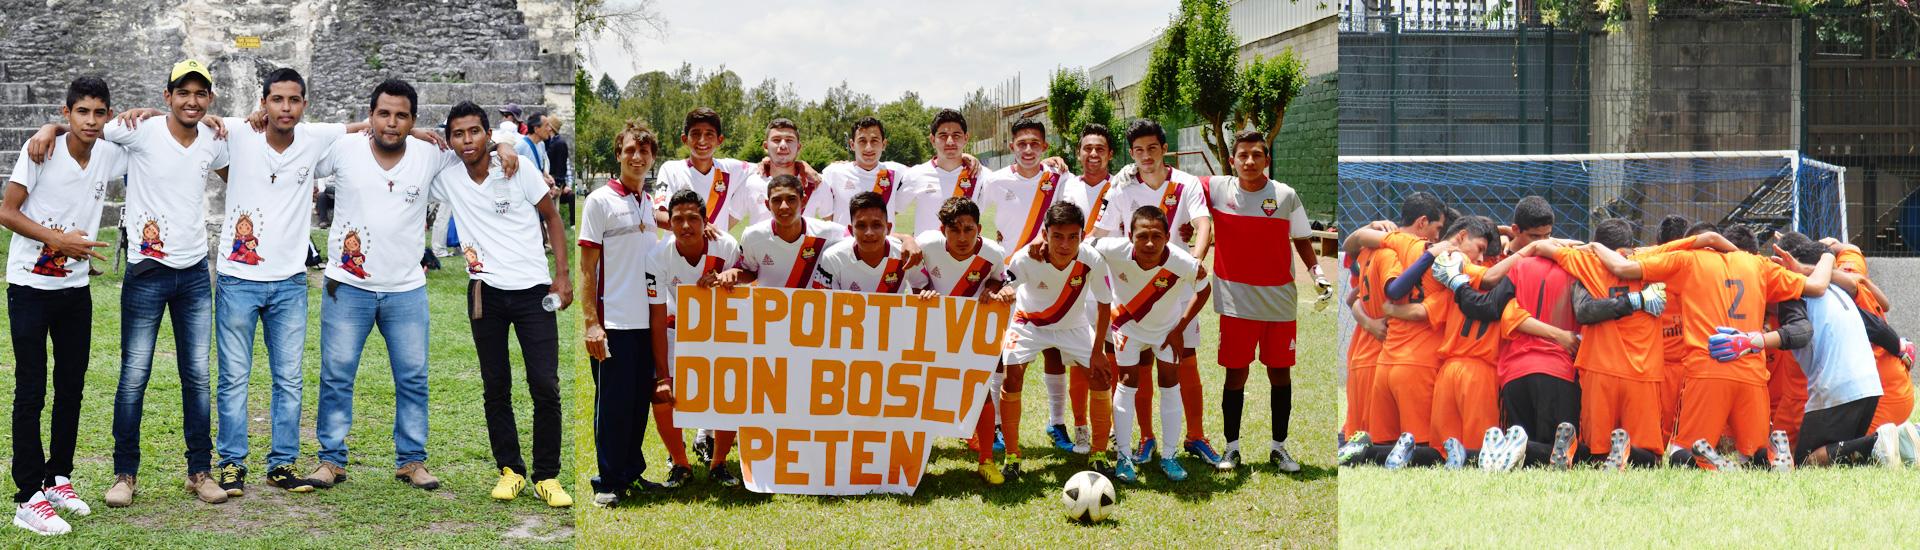 El fútbol transforma la vida de los jóvenes en Petén